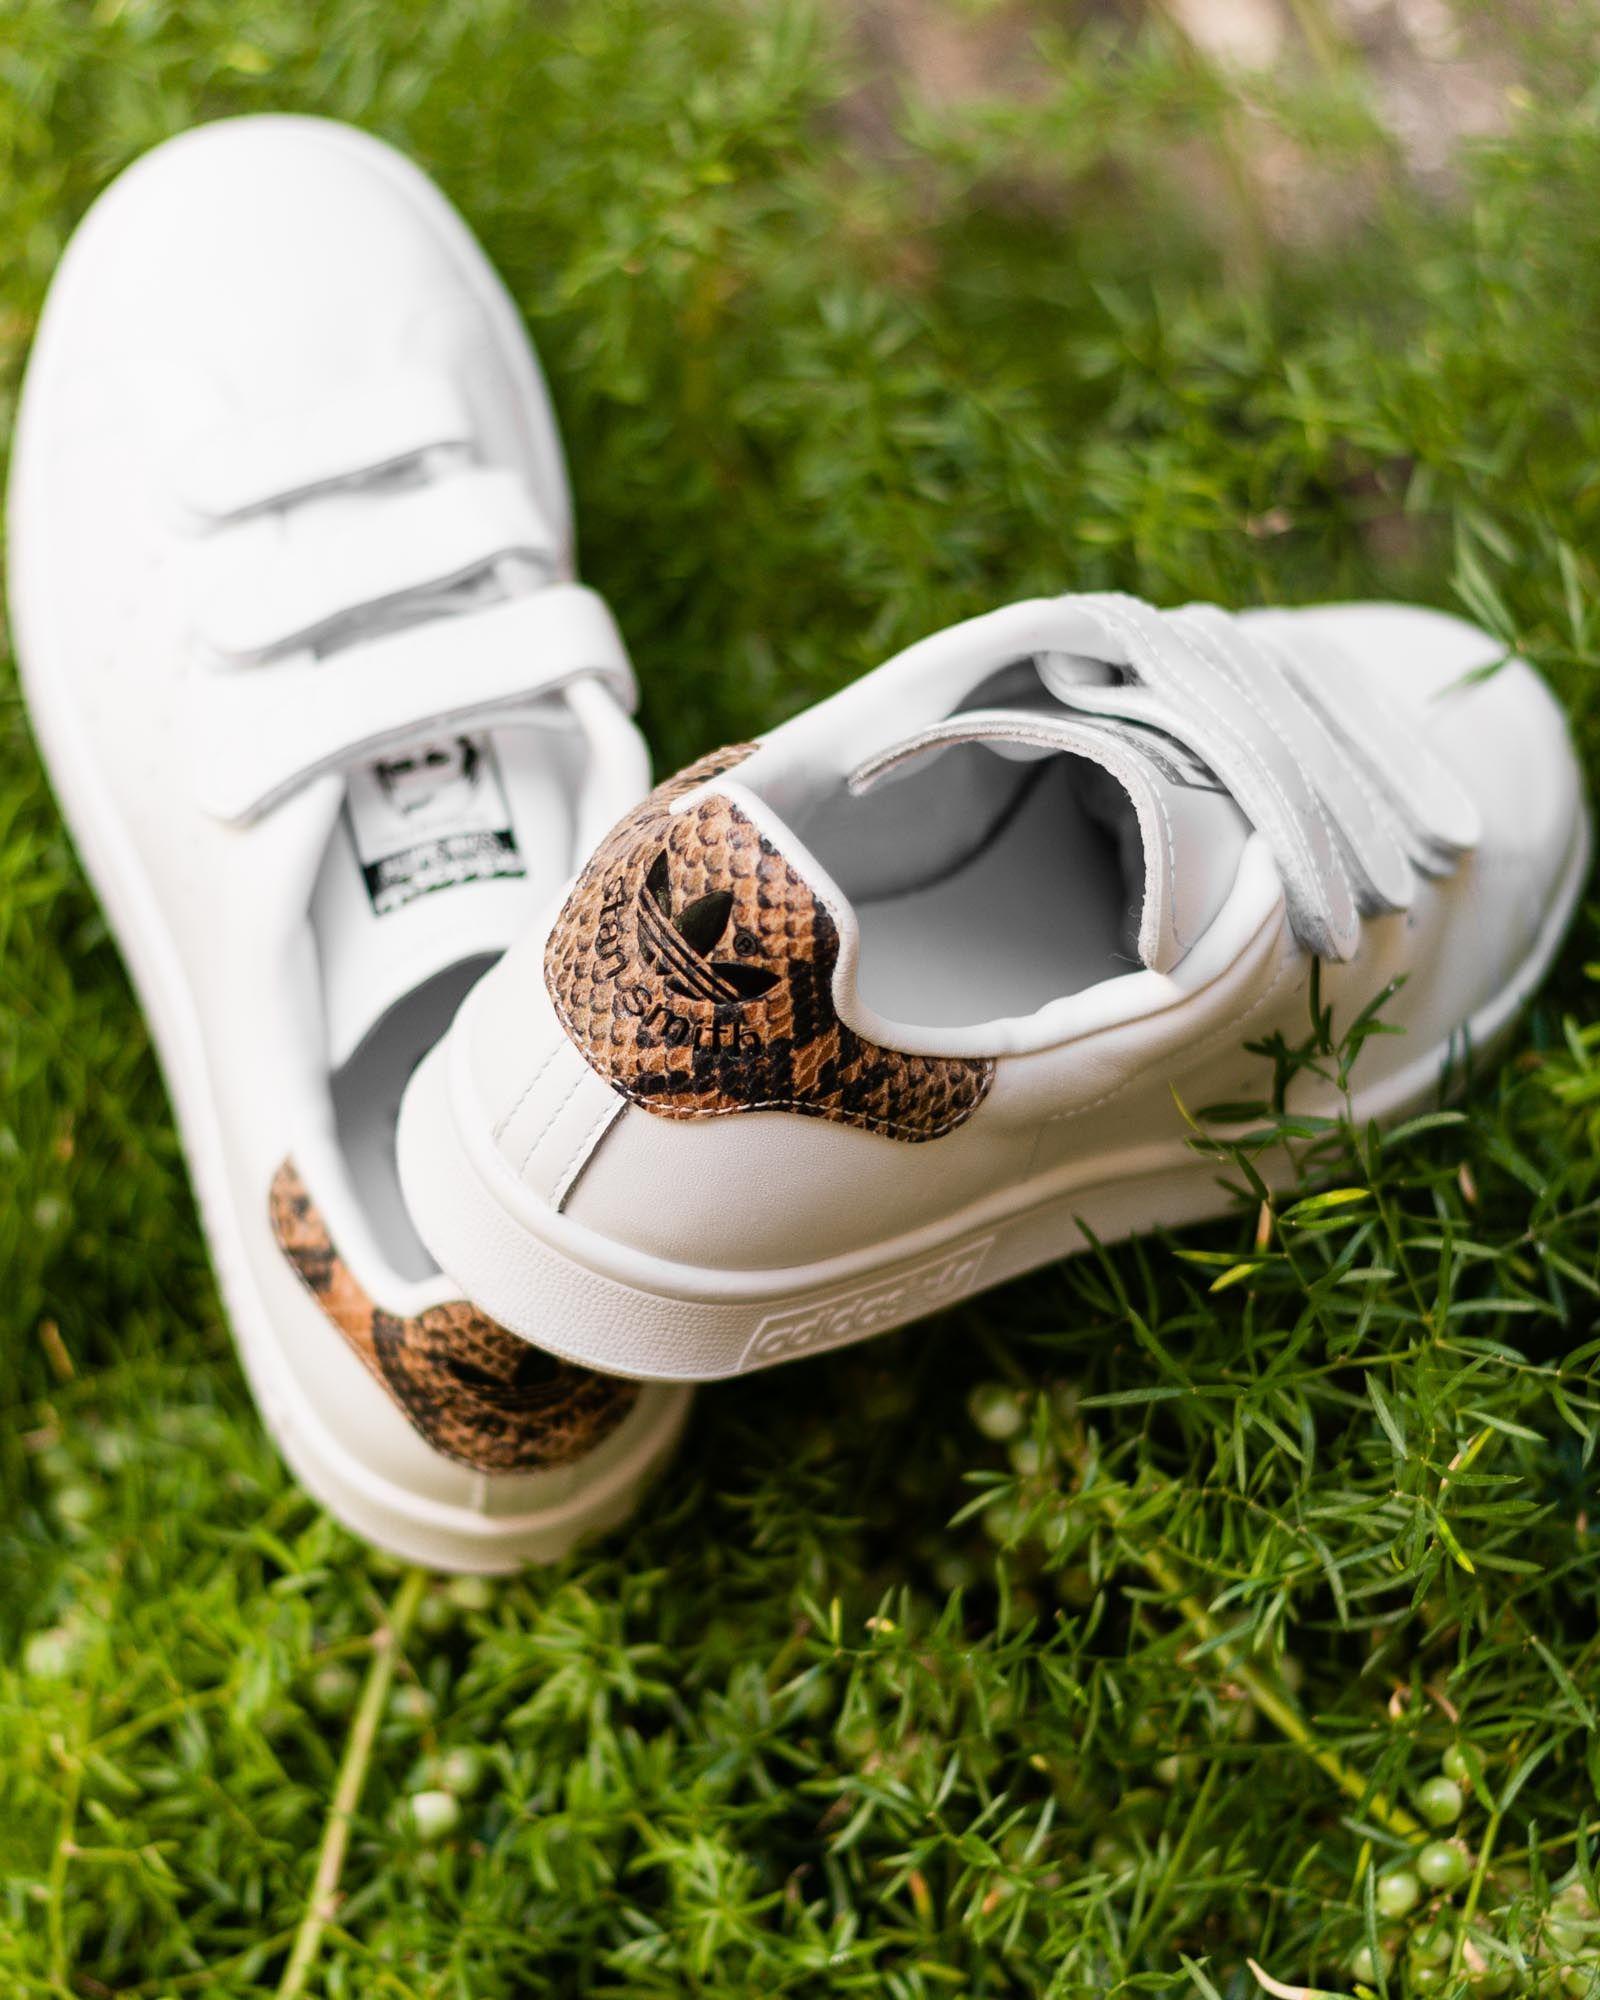 adidas Originals - Stan Smith - Baskets avec arrière en peau de serpent Q6pfM6